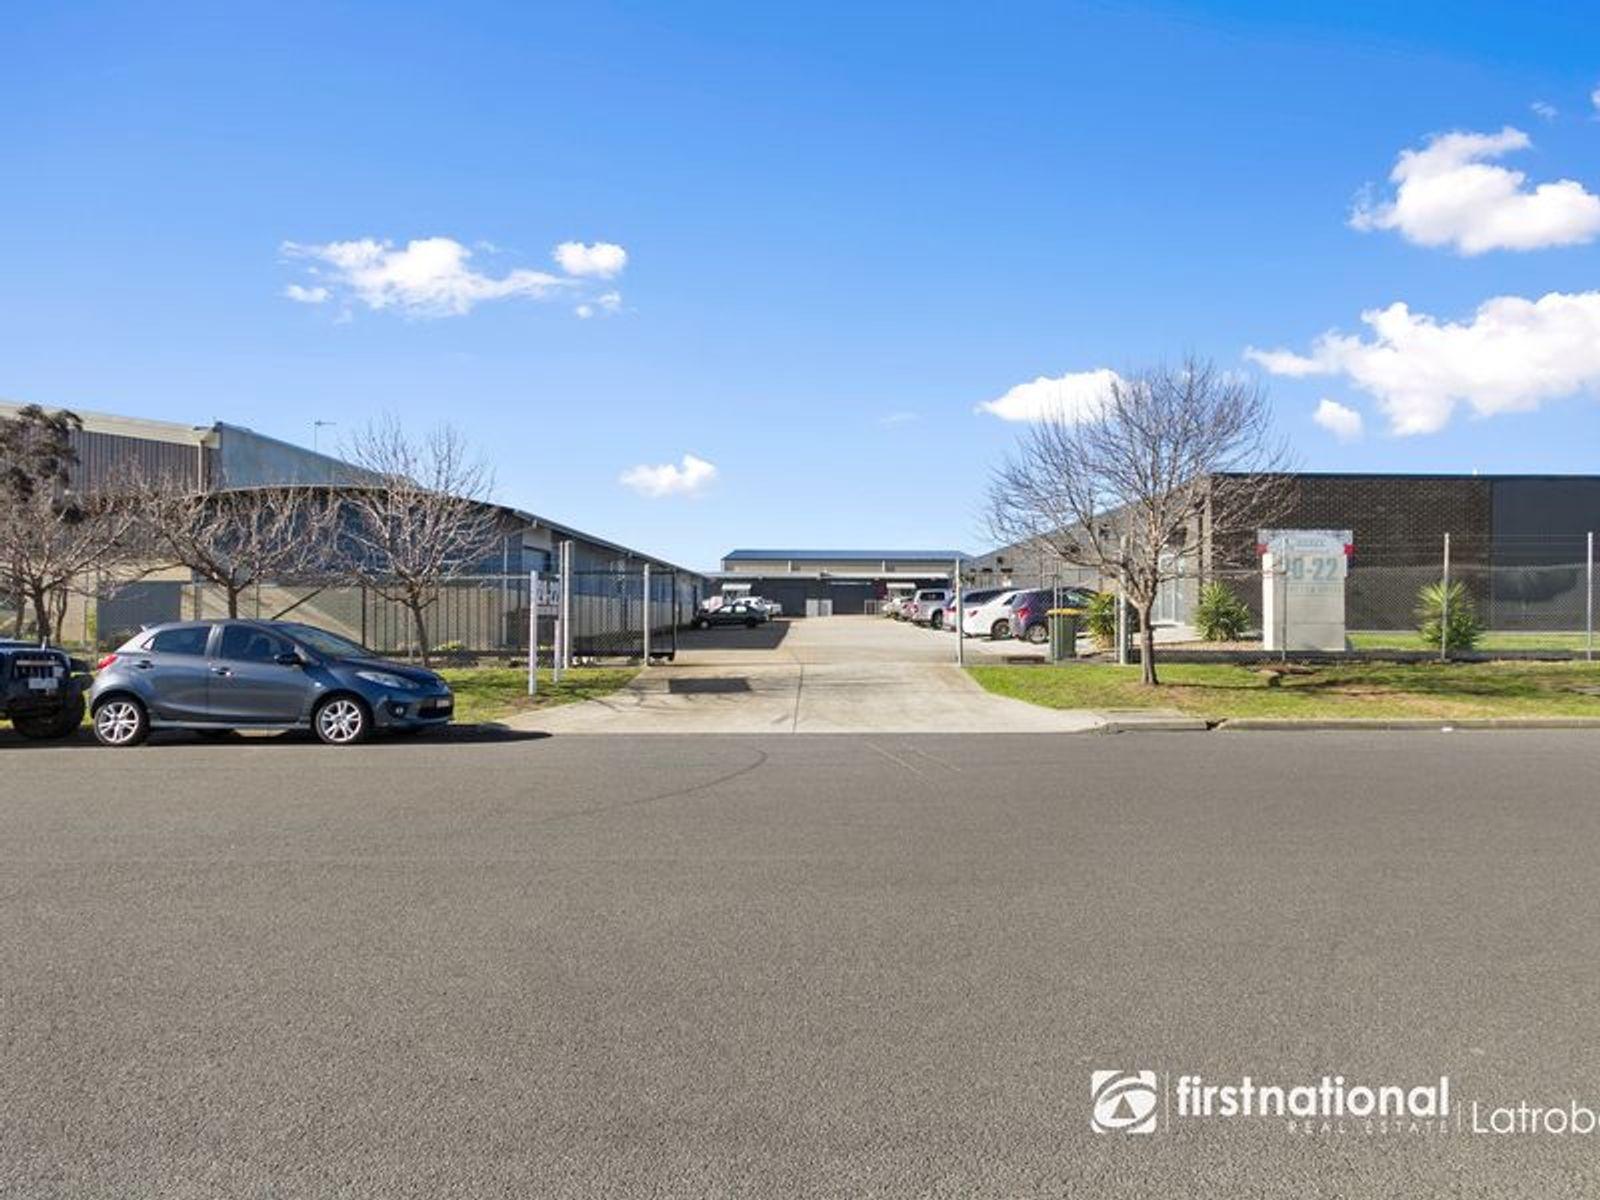 4/20-22 Stratton Drive, Traralgon, VIC 3844